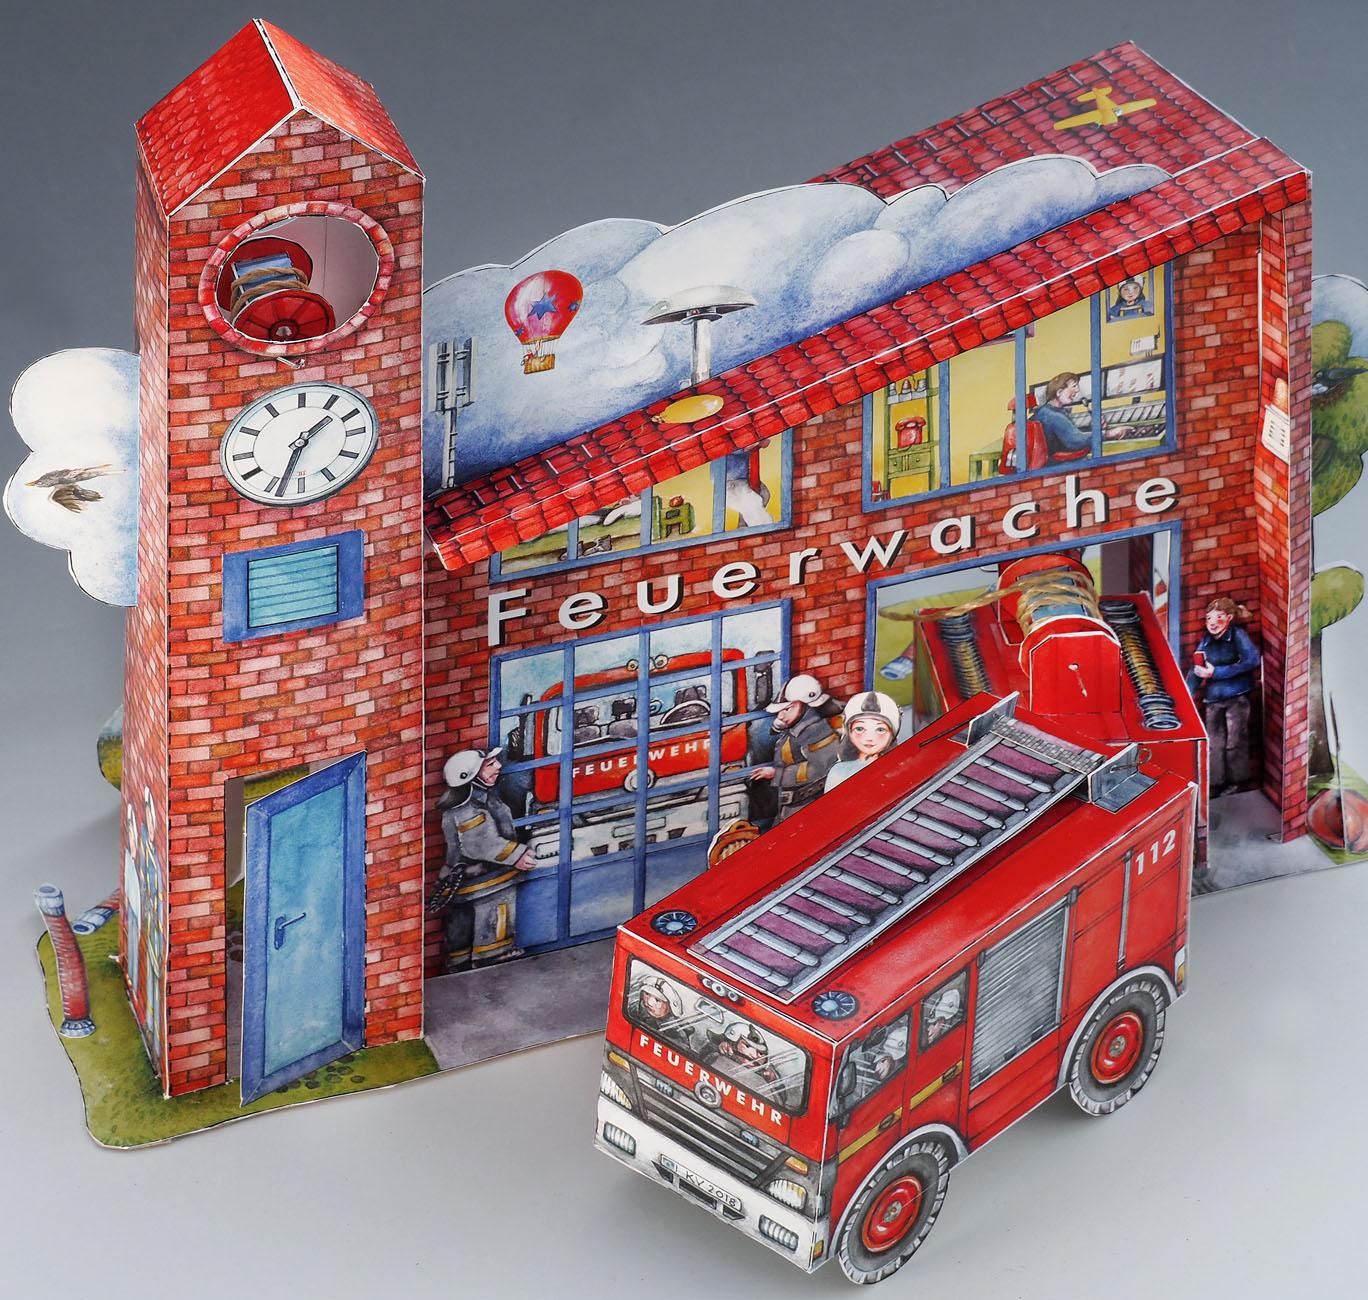 Feuerwache Papierspielzeug